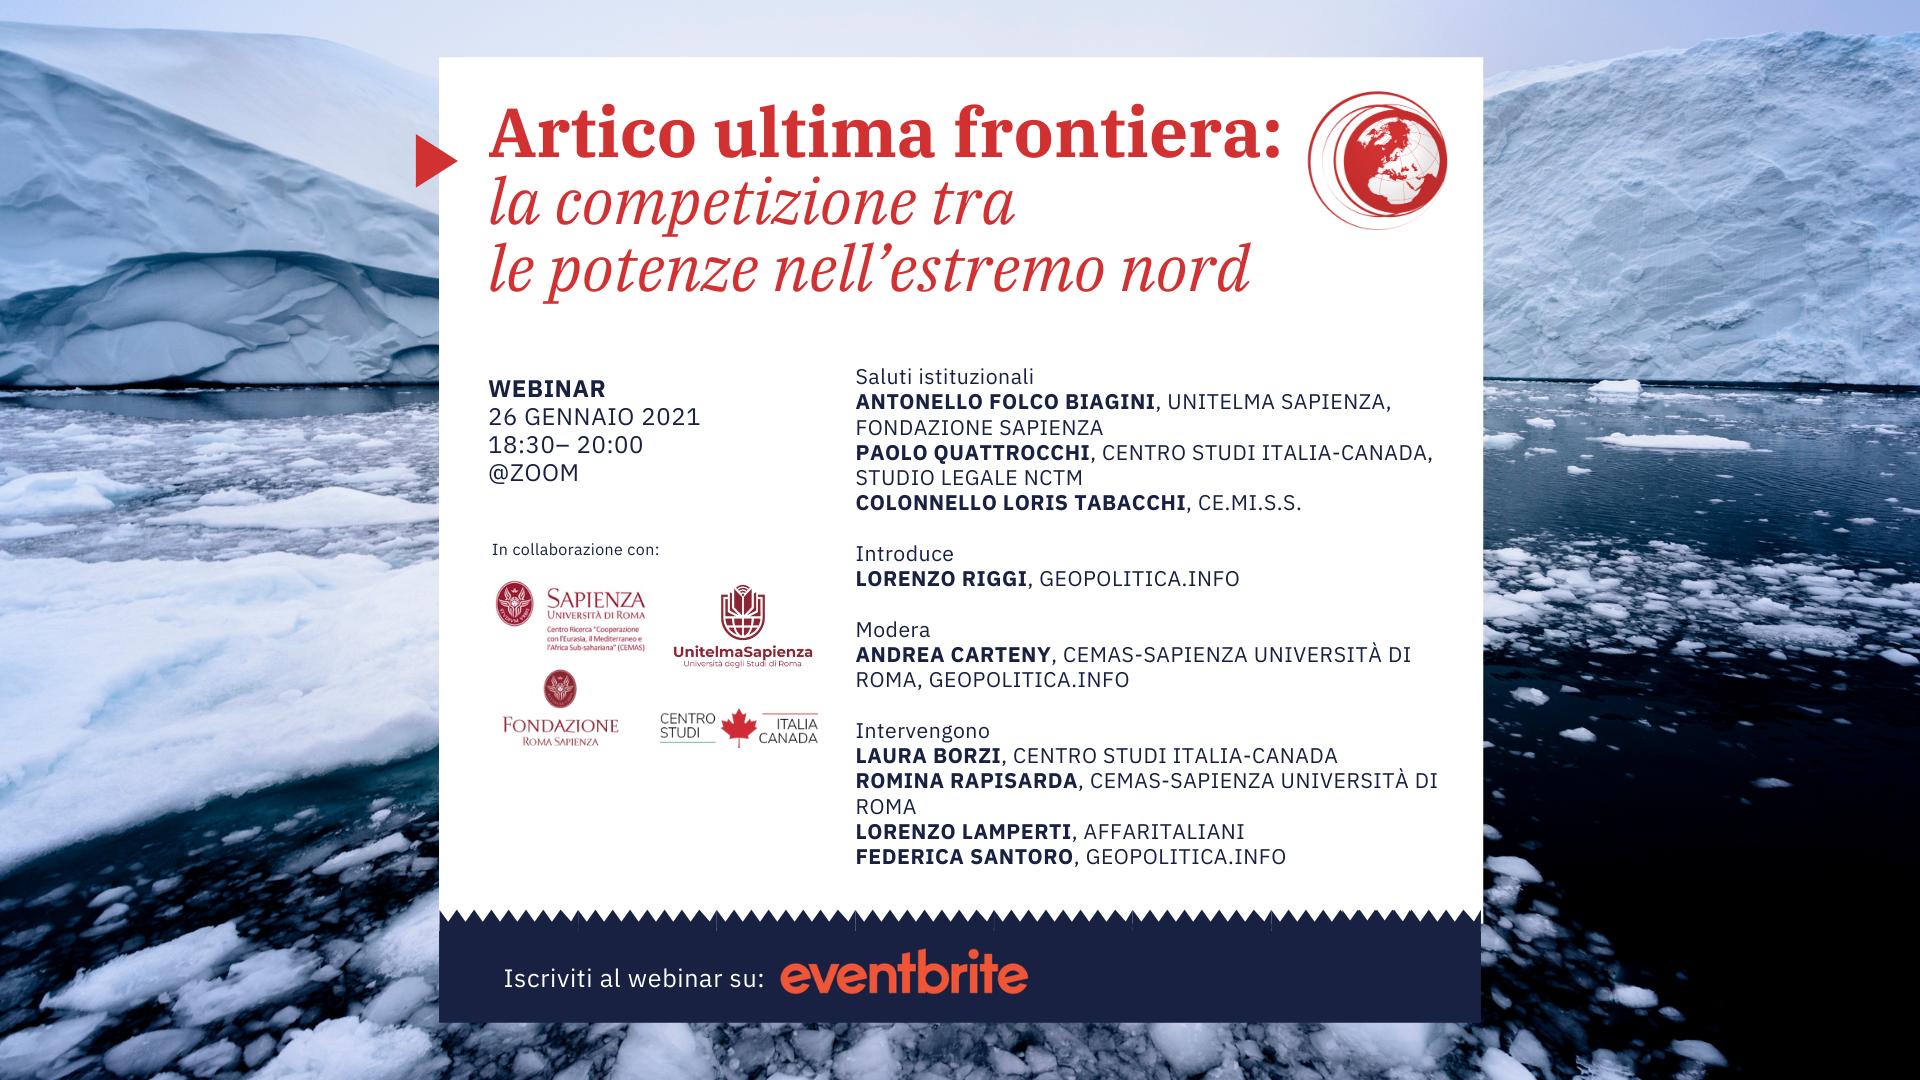 Artico ultima frontiera: la competizione tra le potenze nell'estremo nord – 26 gennaio 2021, ore 18.30 – 20.00 – Webinar @zoom - Geopolitica.info